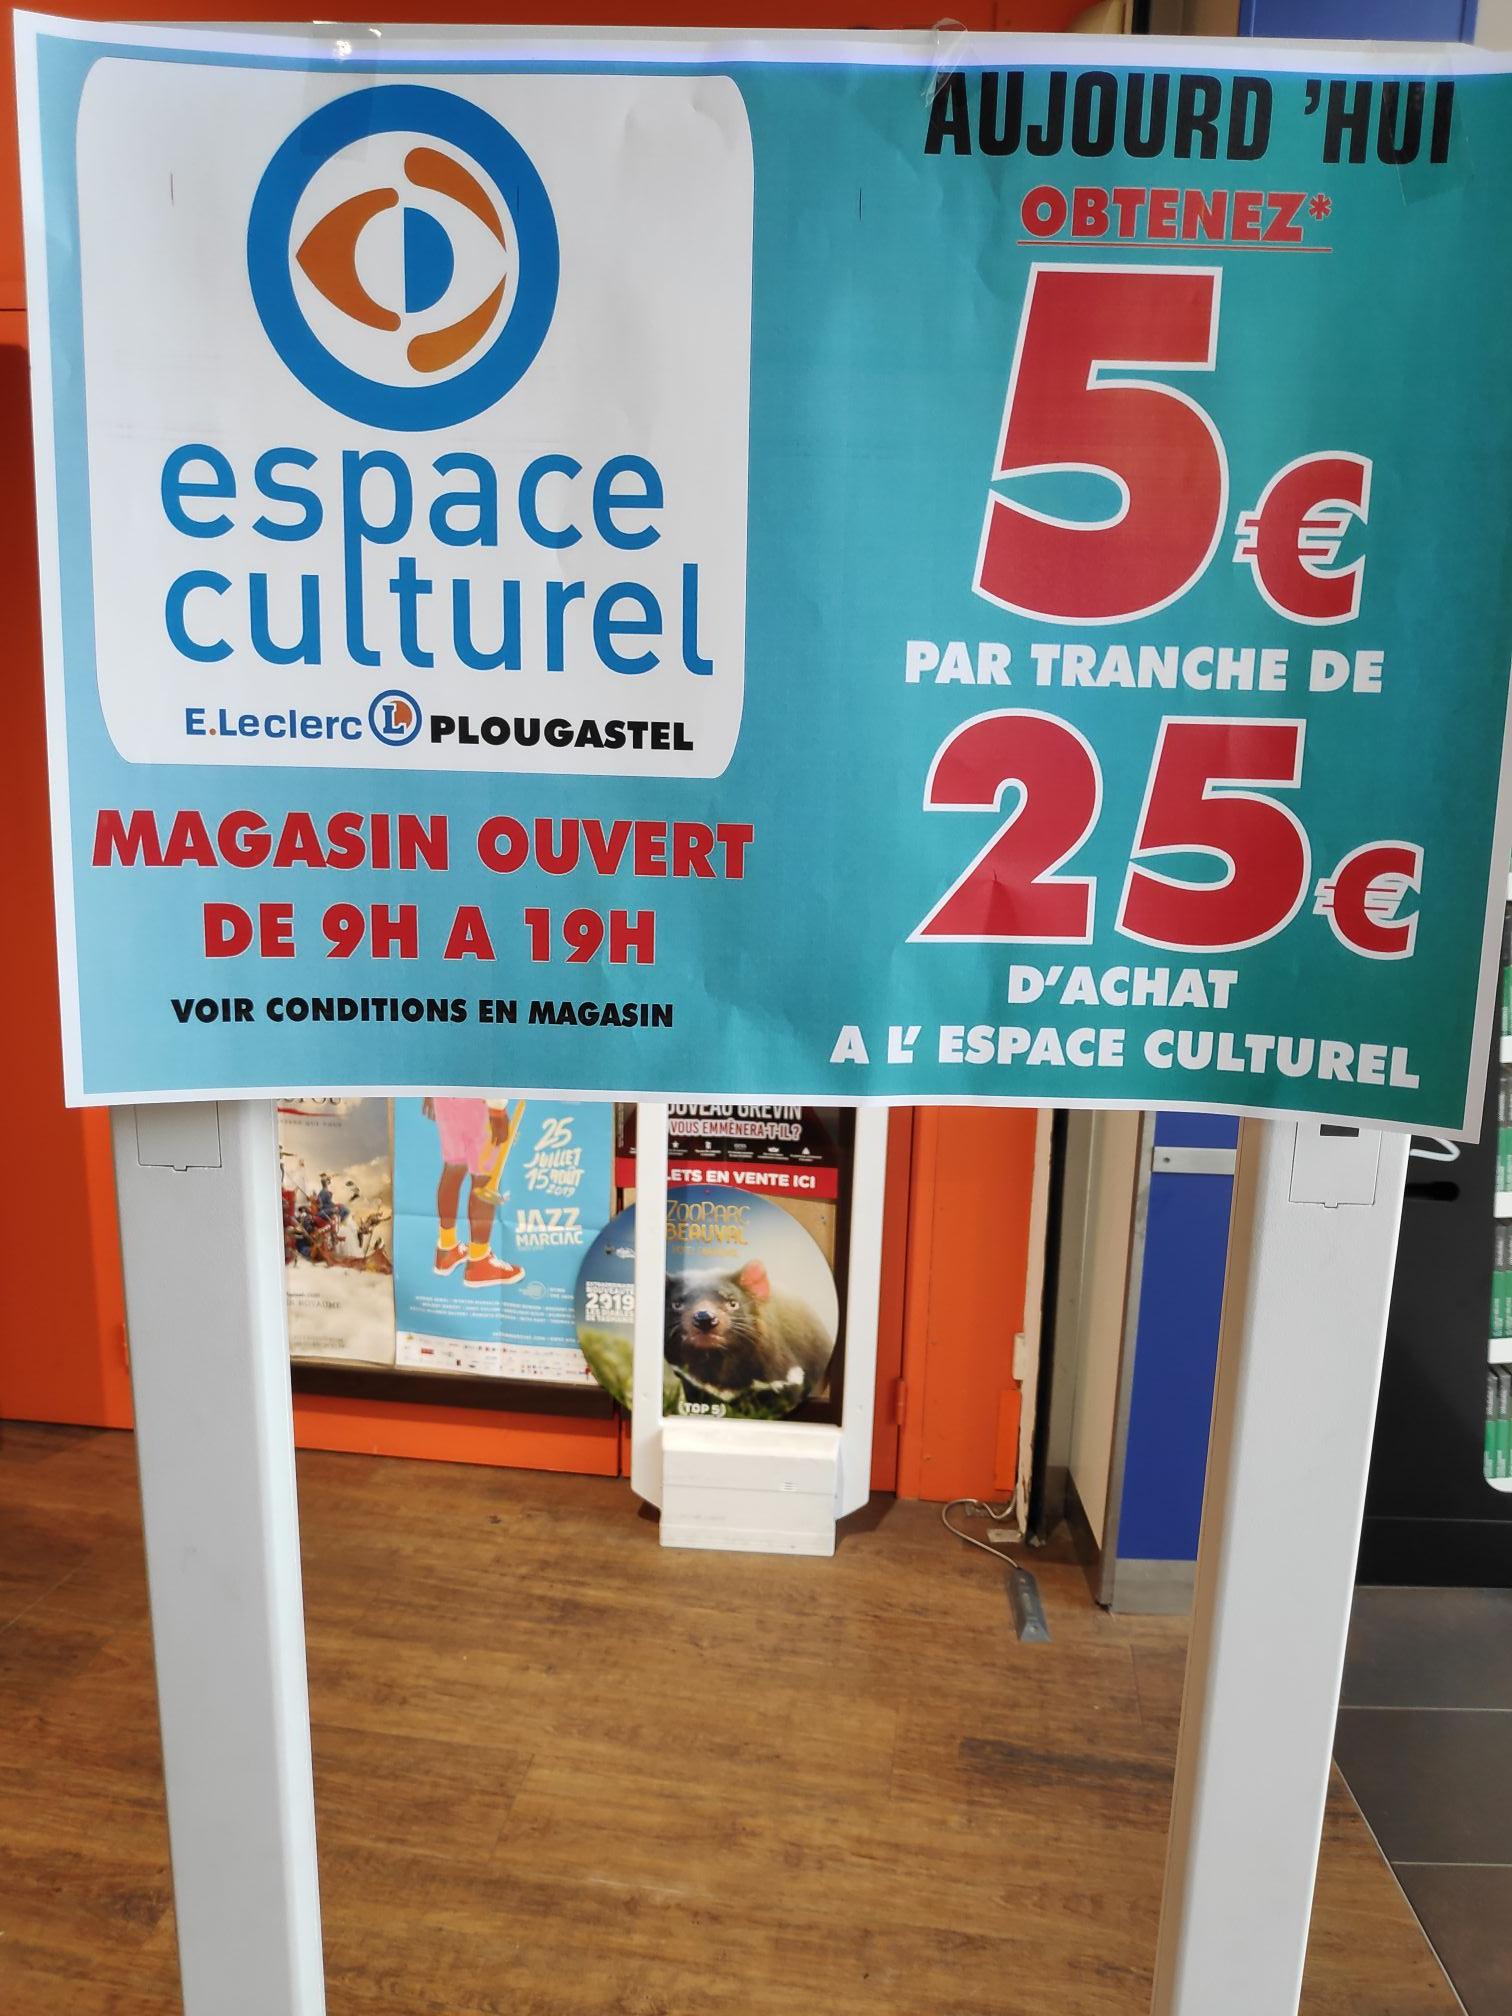 5€ offerts en bon d'achat par tranche de 25€ d'achat en magasin - Plougastel (29)